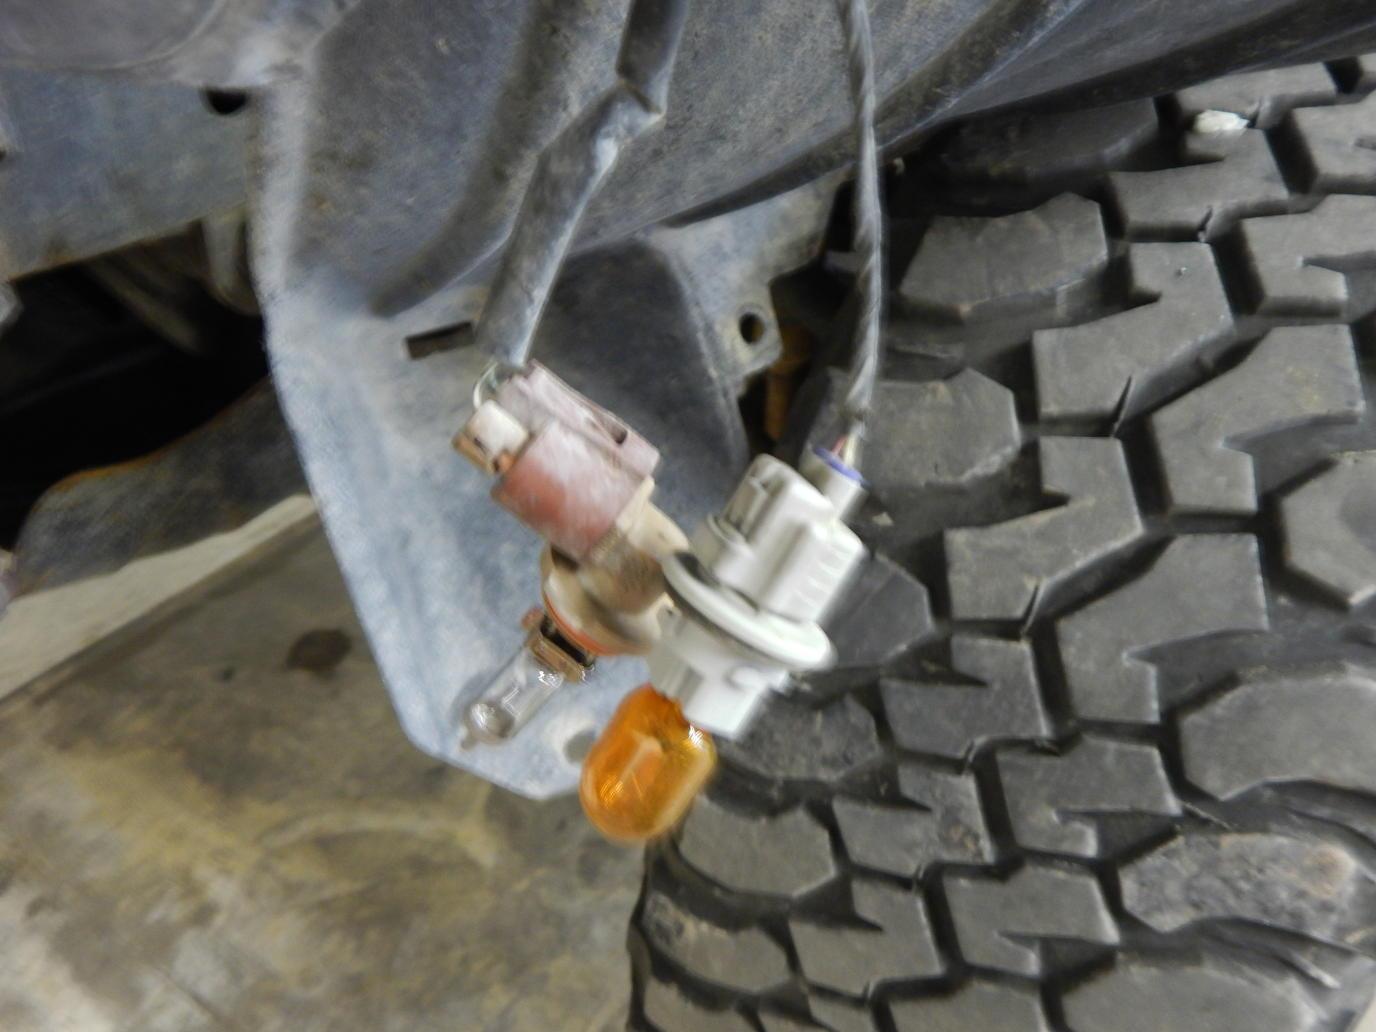 C4 FAB early 4th gen (03-05) Lo-Pro winch bumper install guide.-dscn4449-jpg